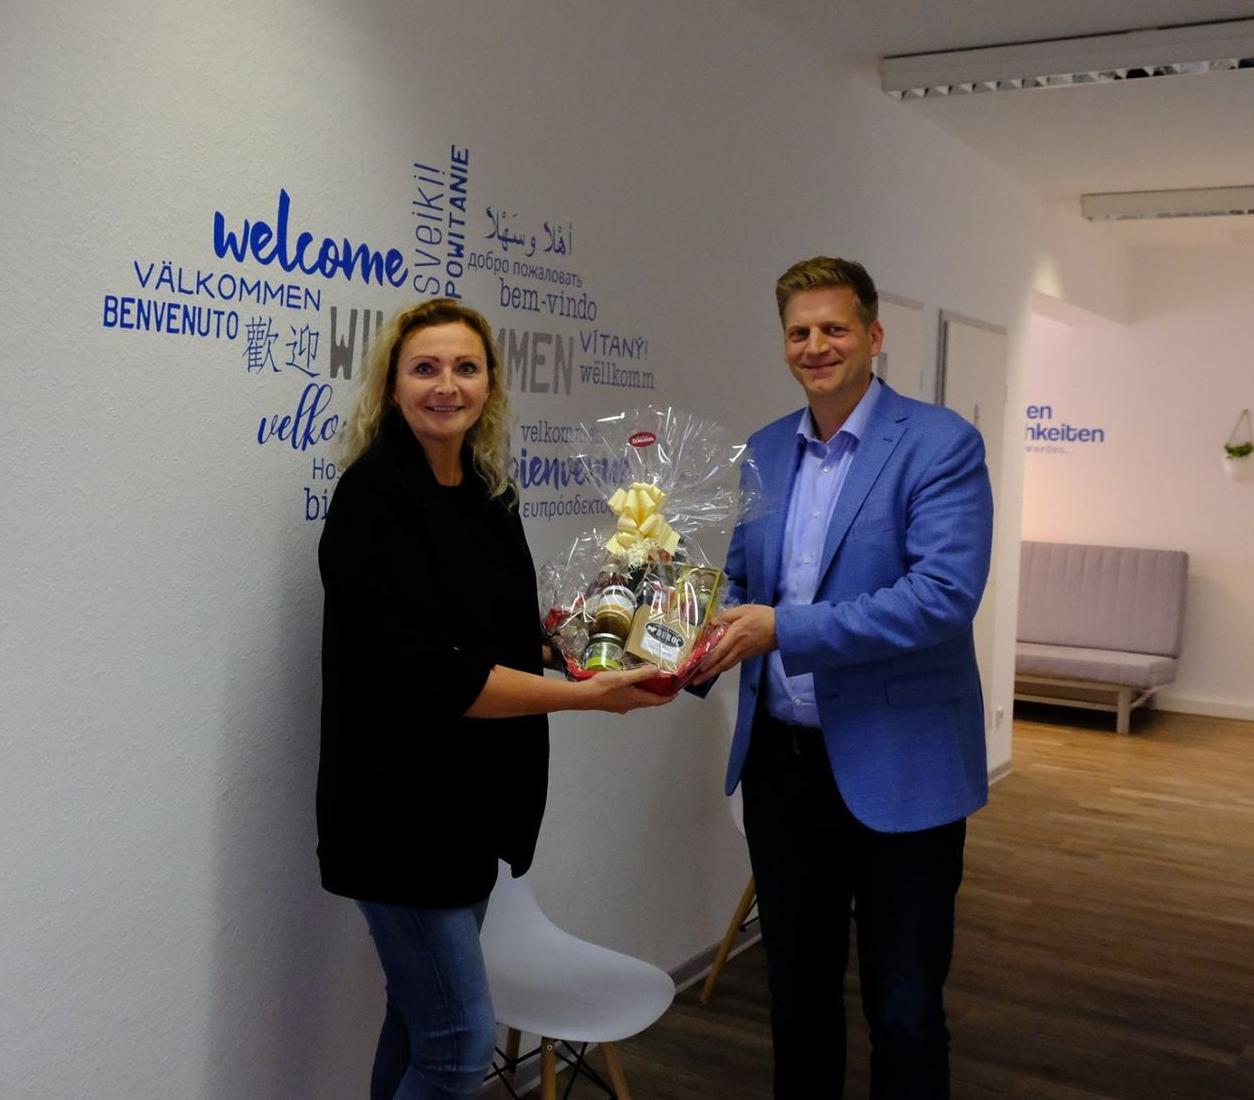 Erster Cleverlearning-Partner in Wuppertal eröffnet